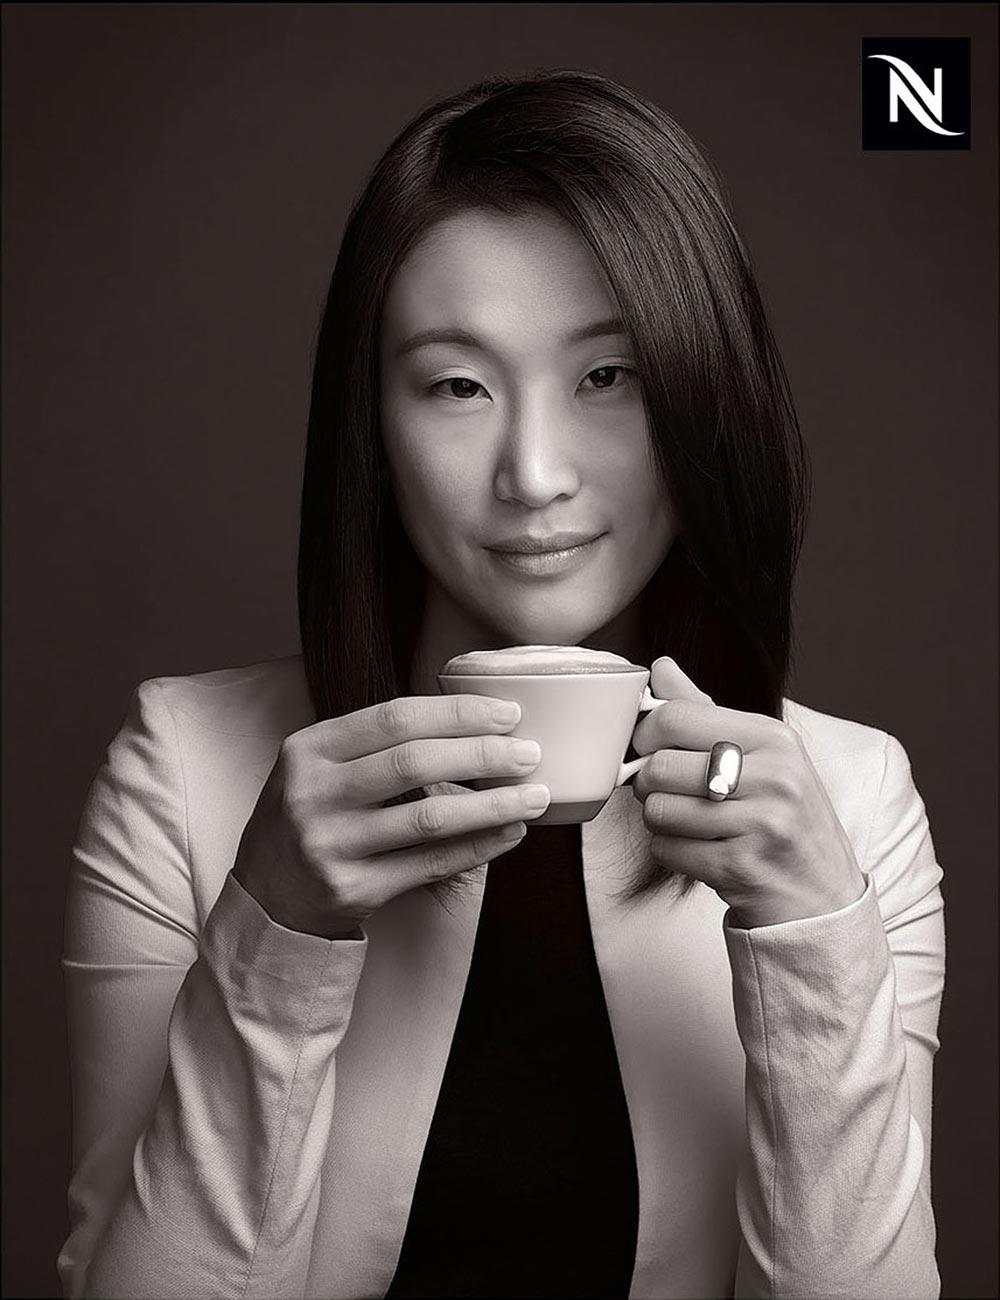 Nespresso Campaign, 2013